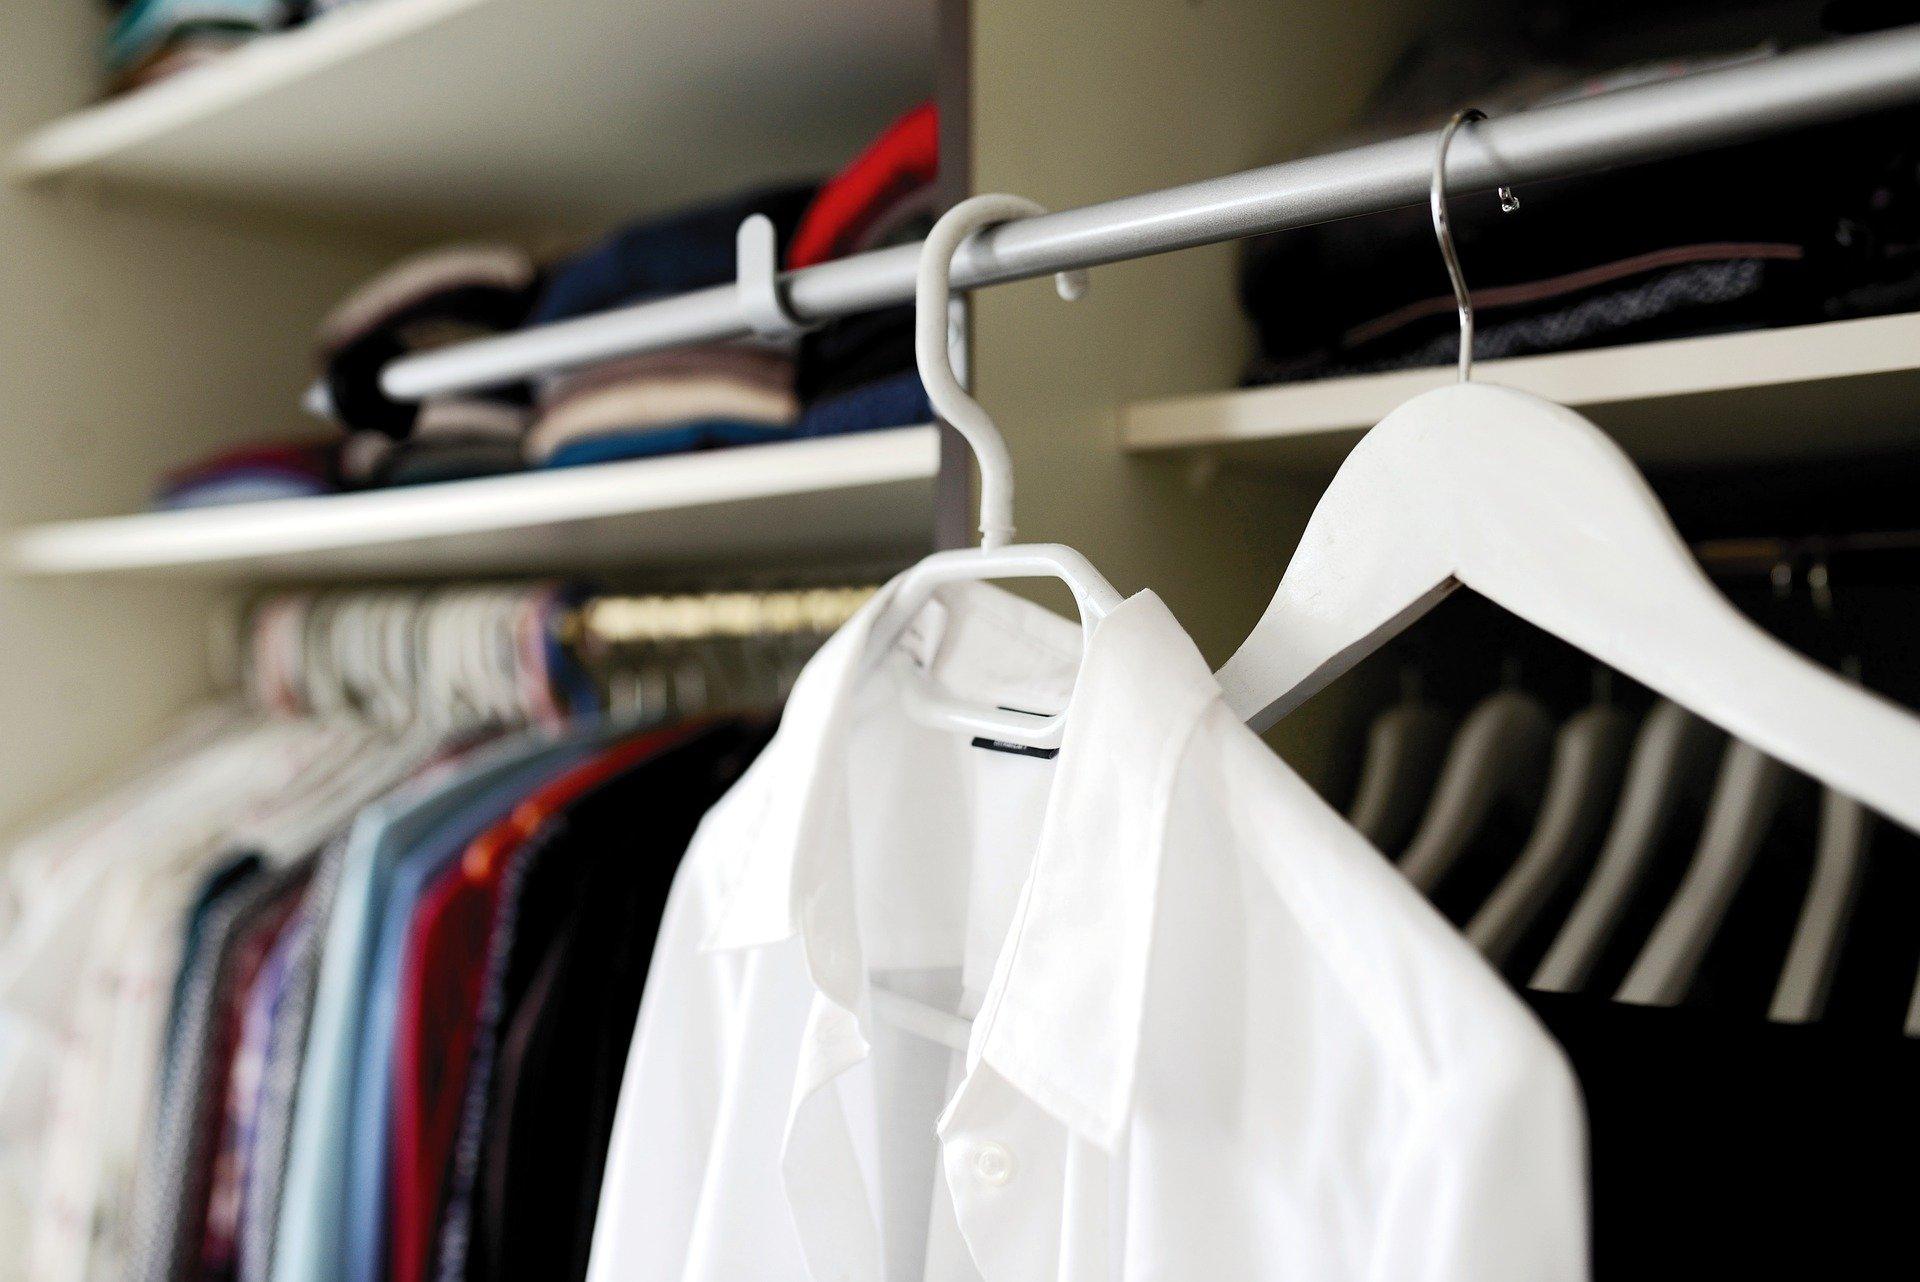 szafa garderoba wardrobe ubrania clothes